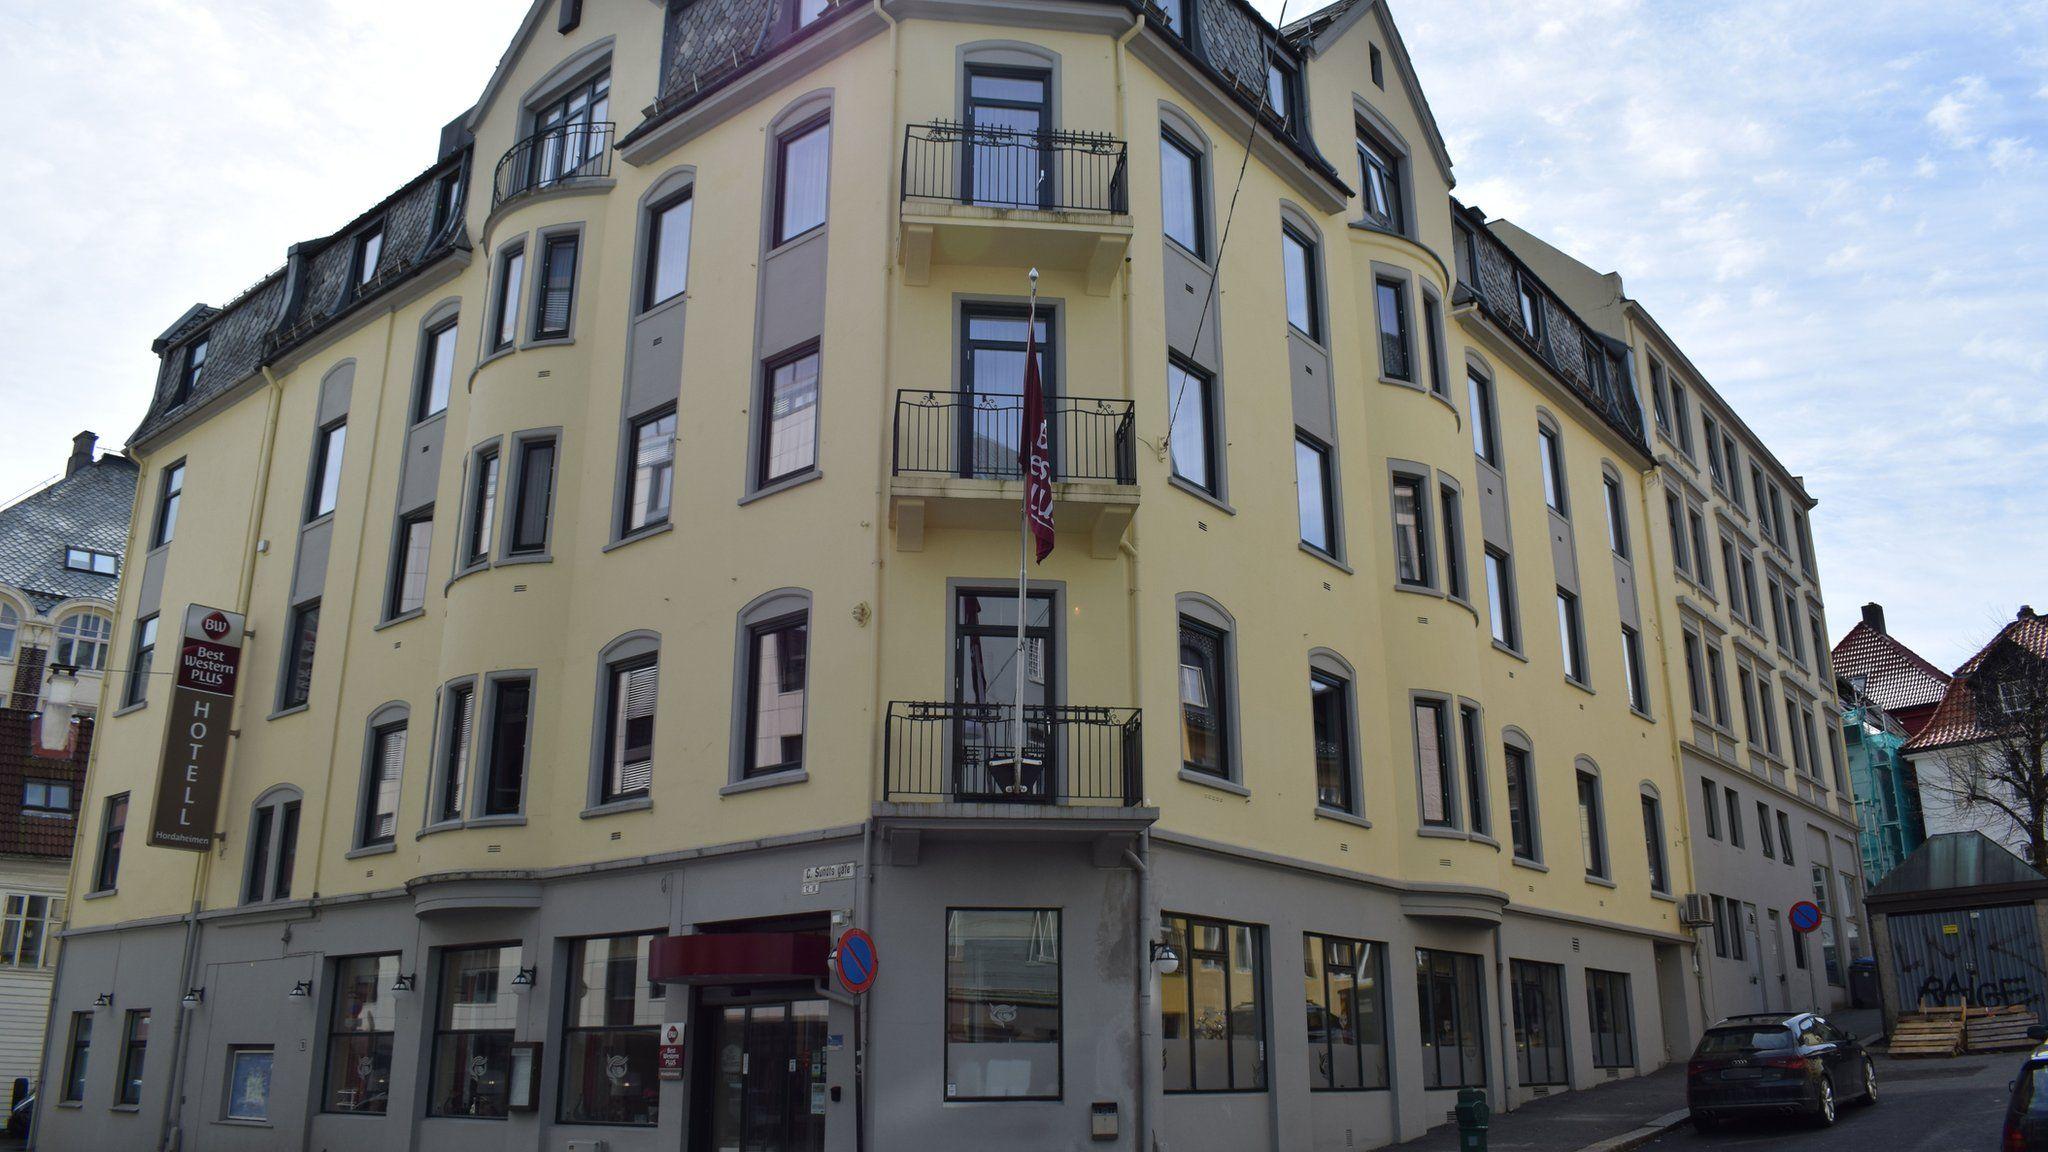 View of the Hotel Hordaheimen